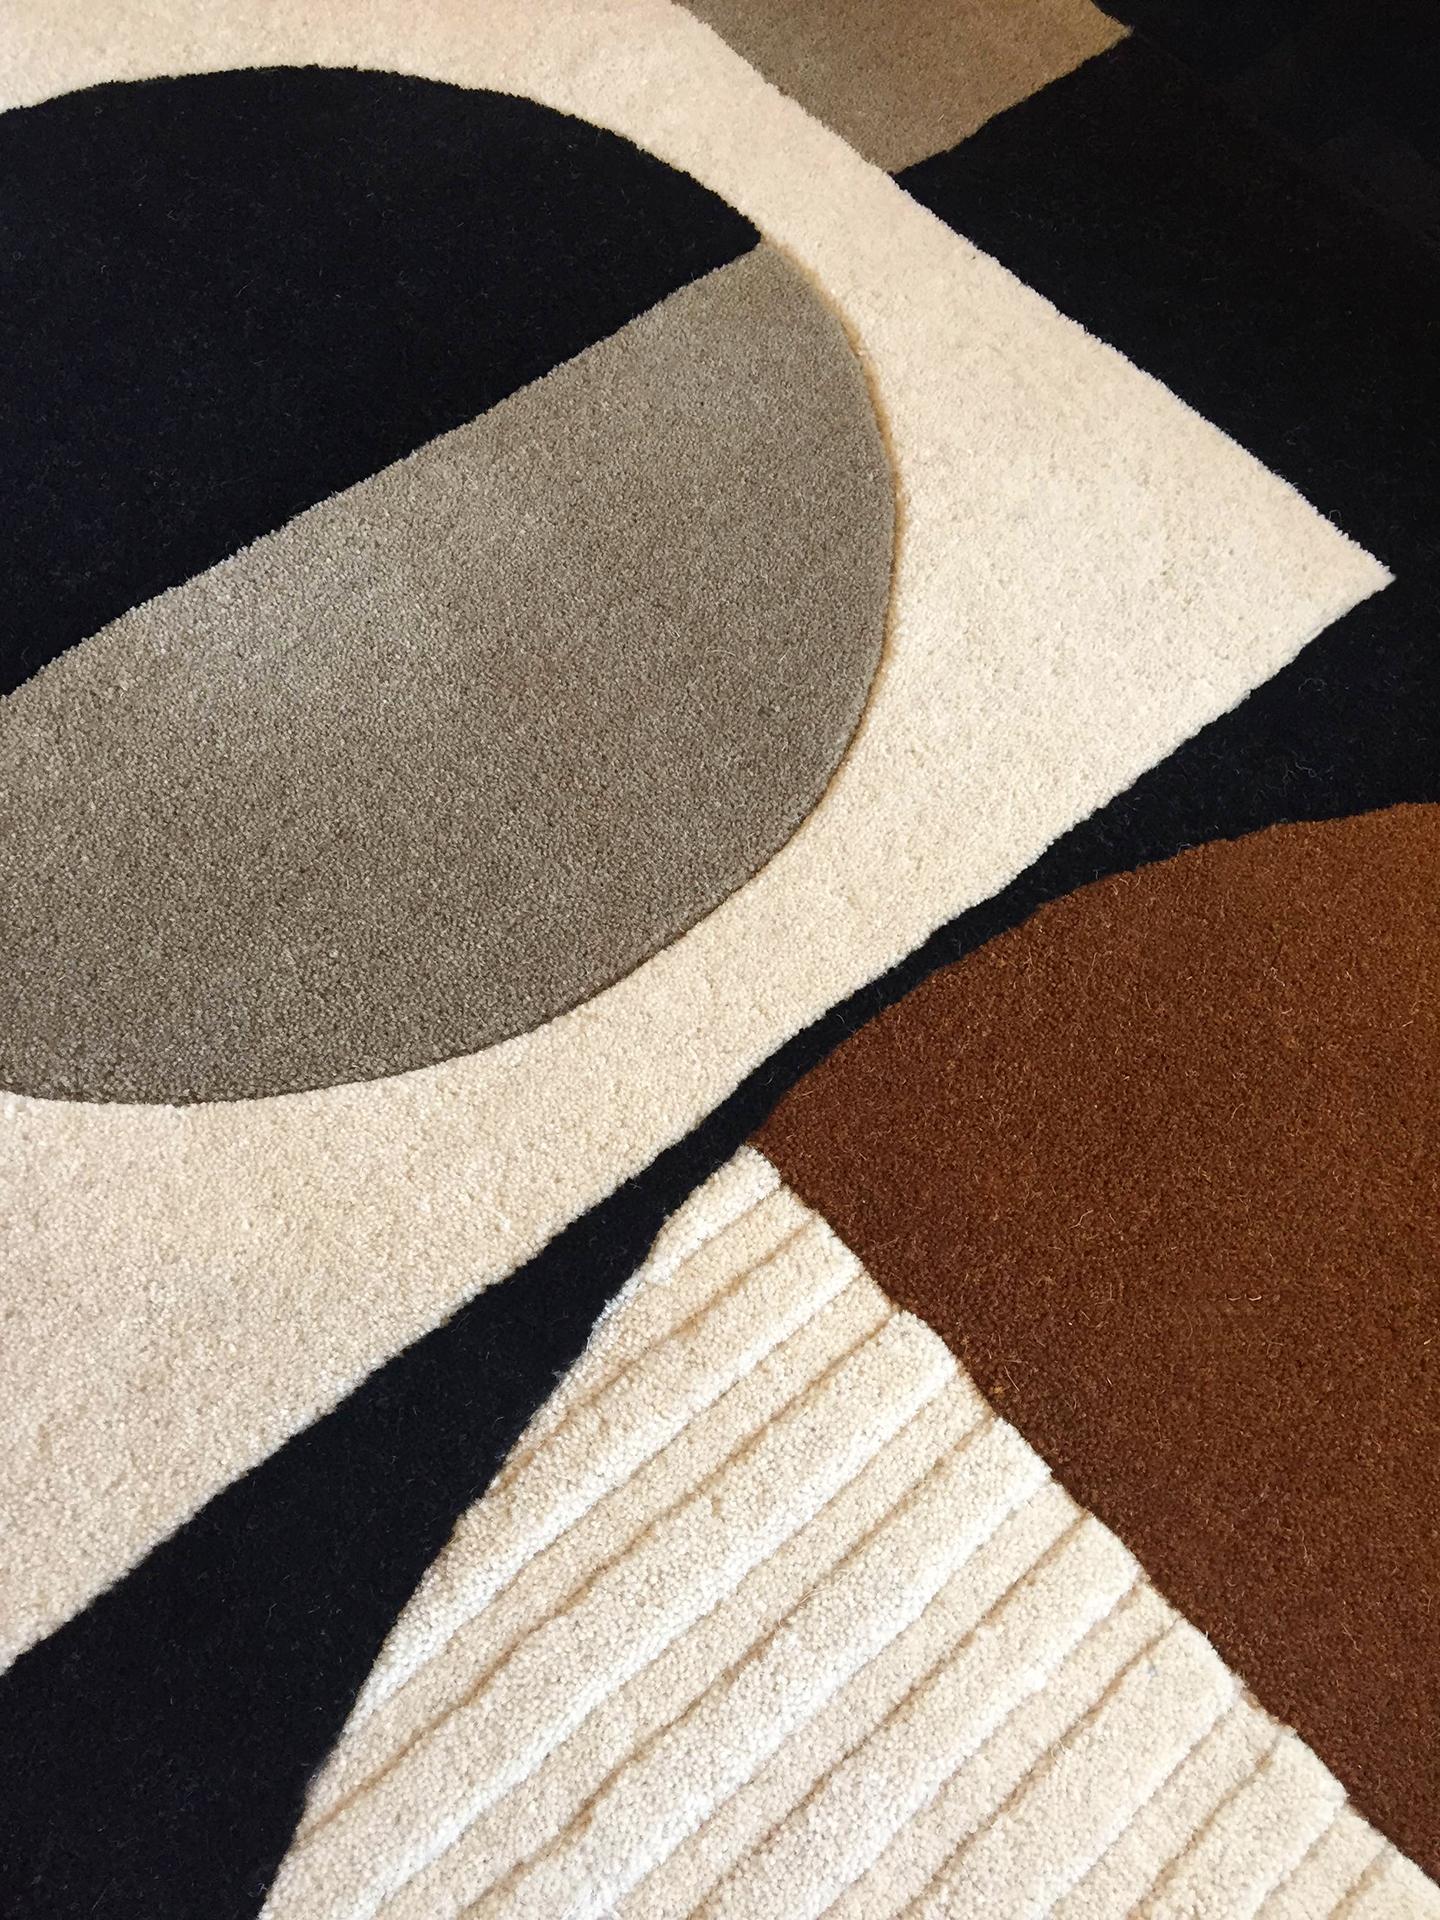 rug curve sample.jpg web res.jpg